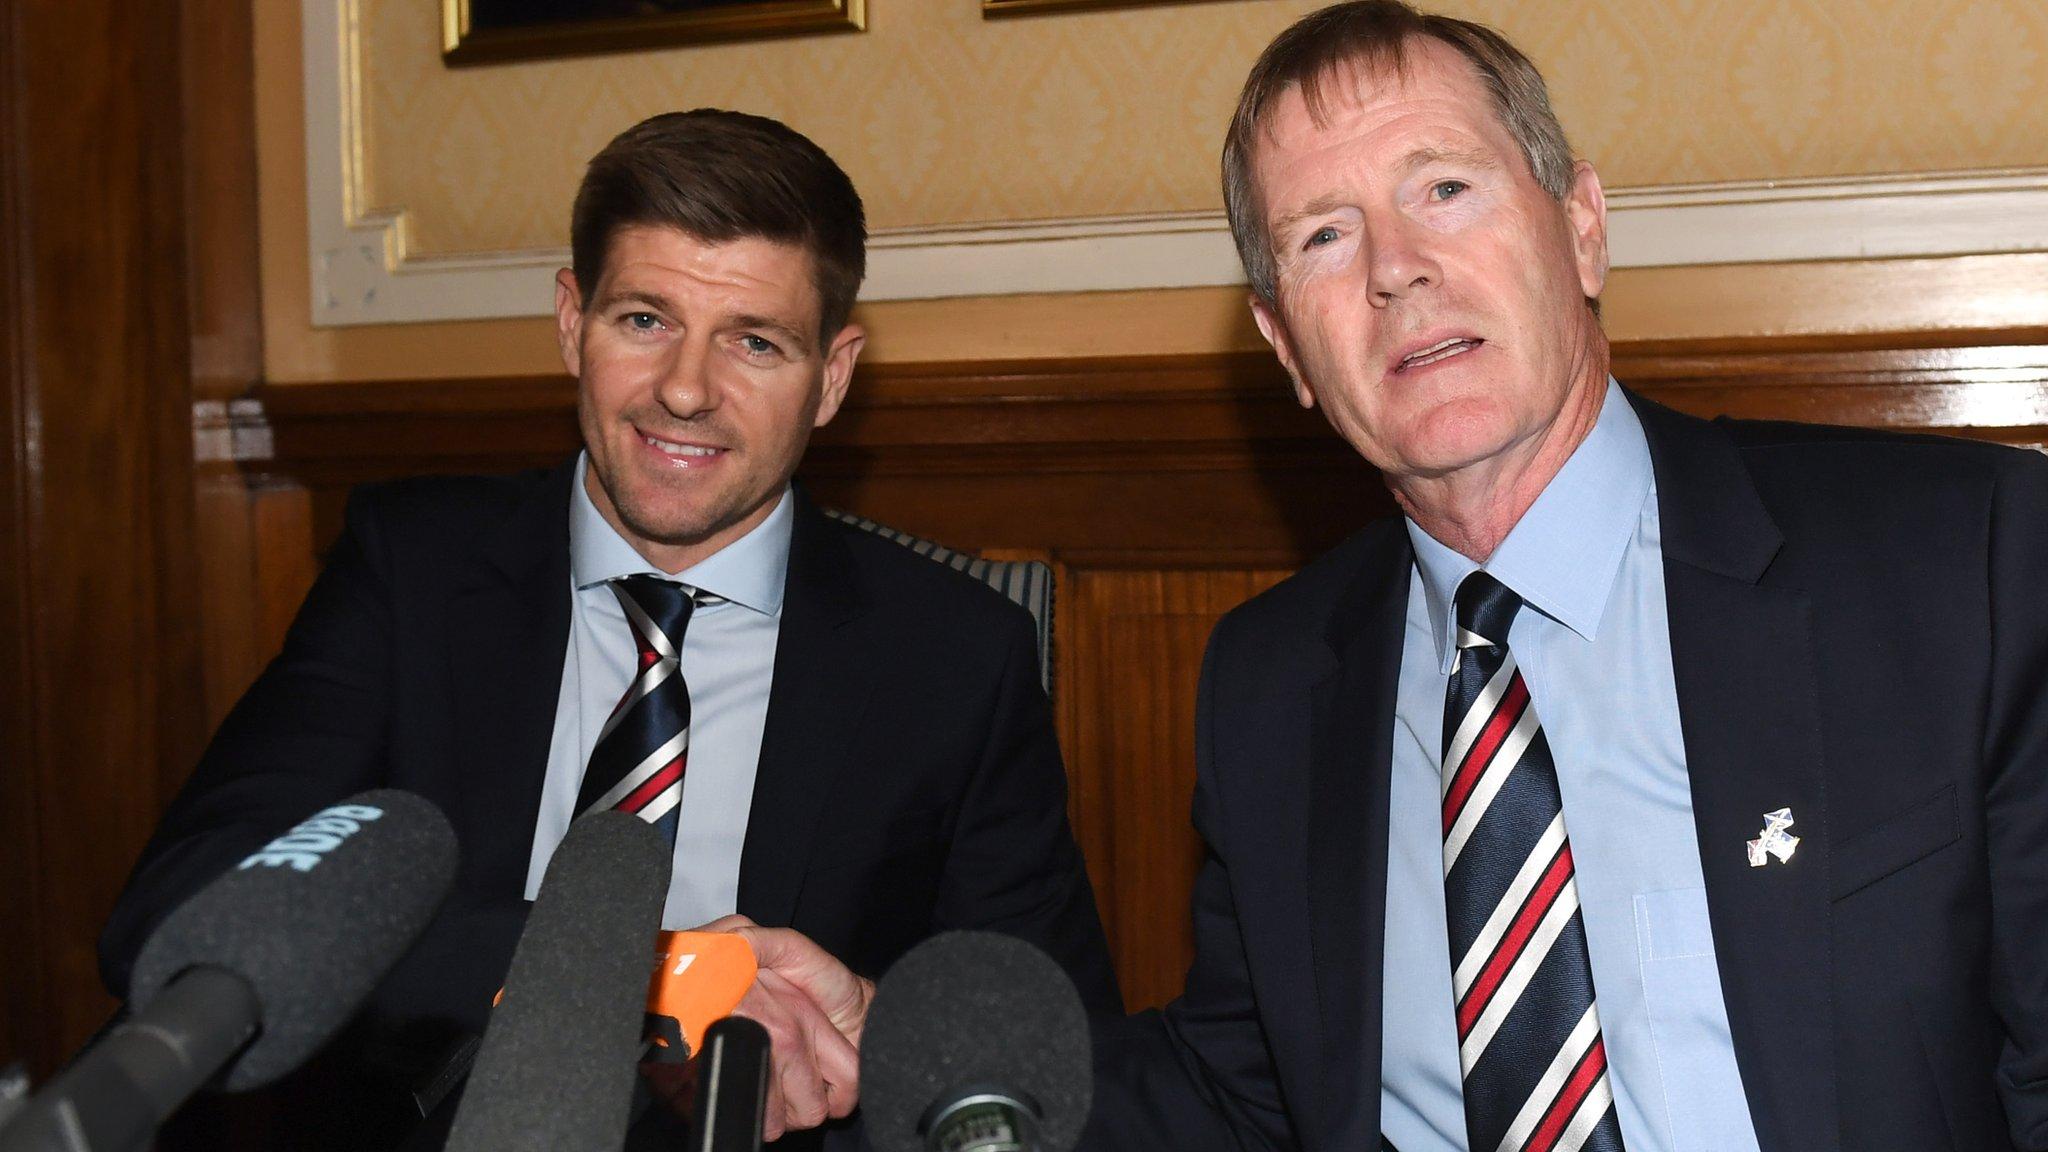 Steven Gerrard: Rangers boss won't make predictions about future success